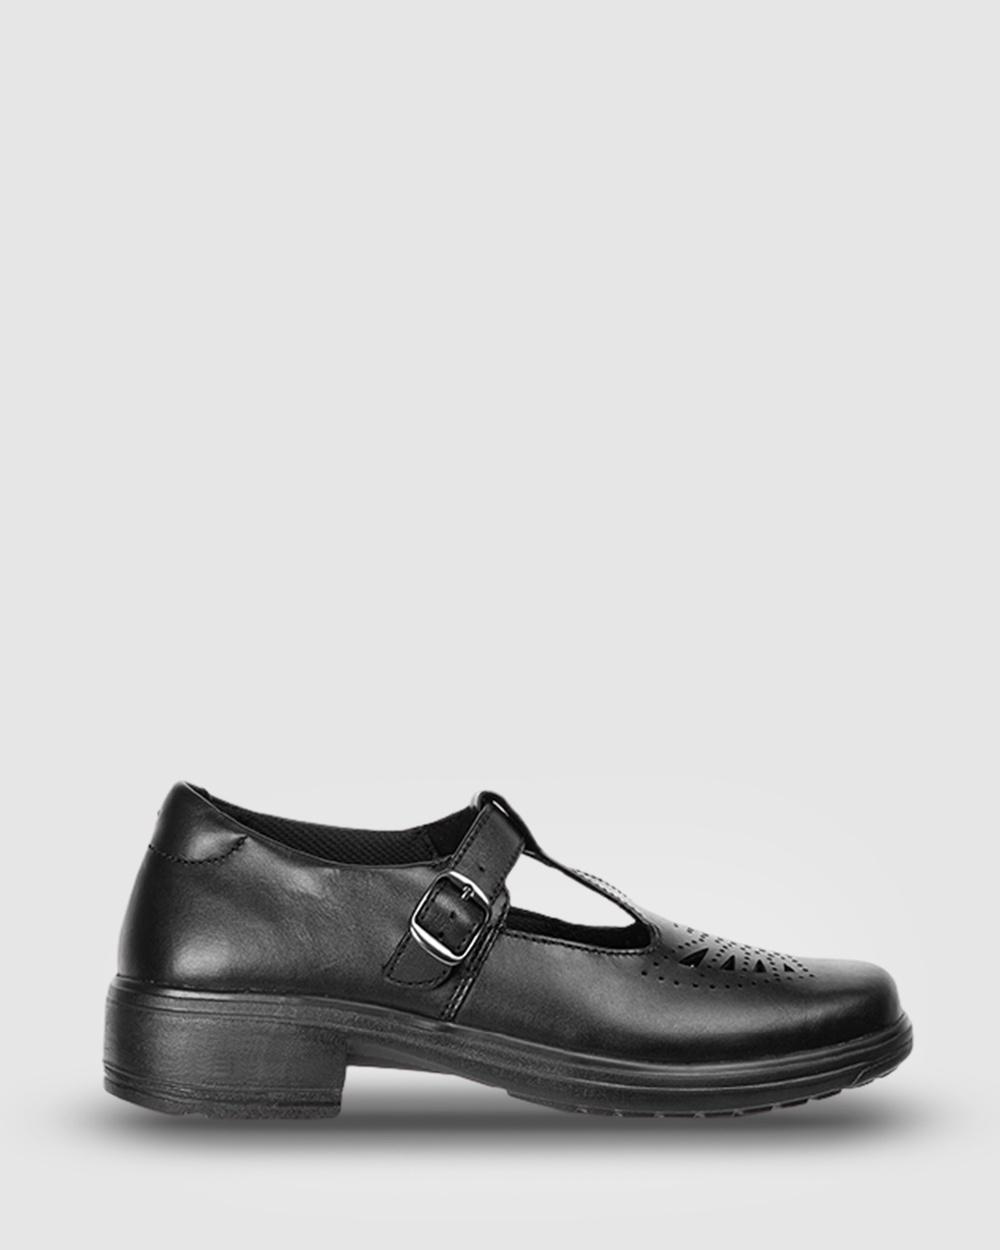 Ascent Eve School Shoes Black